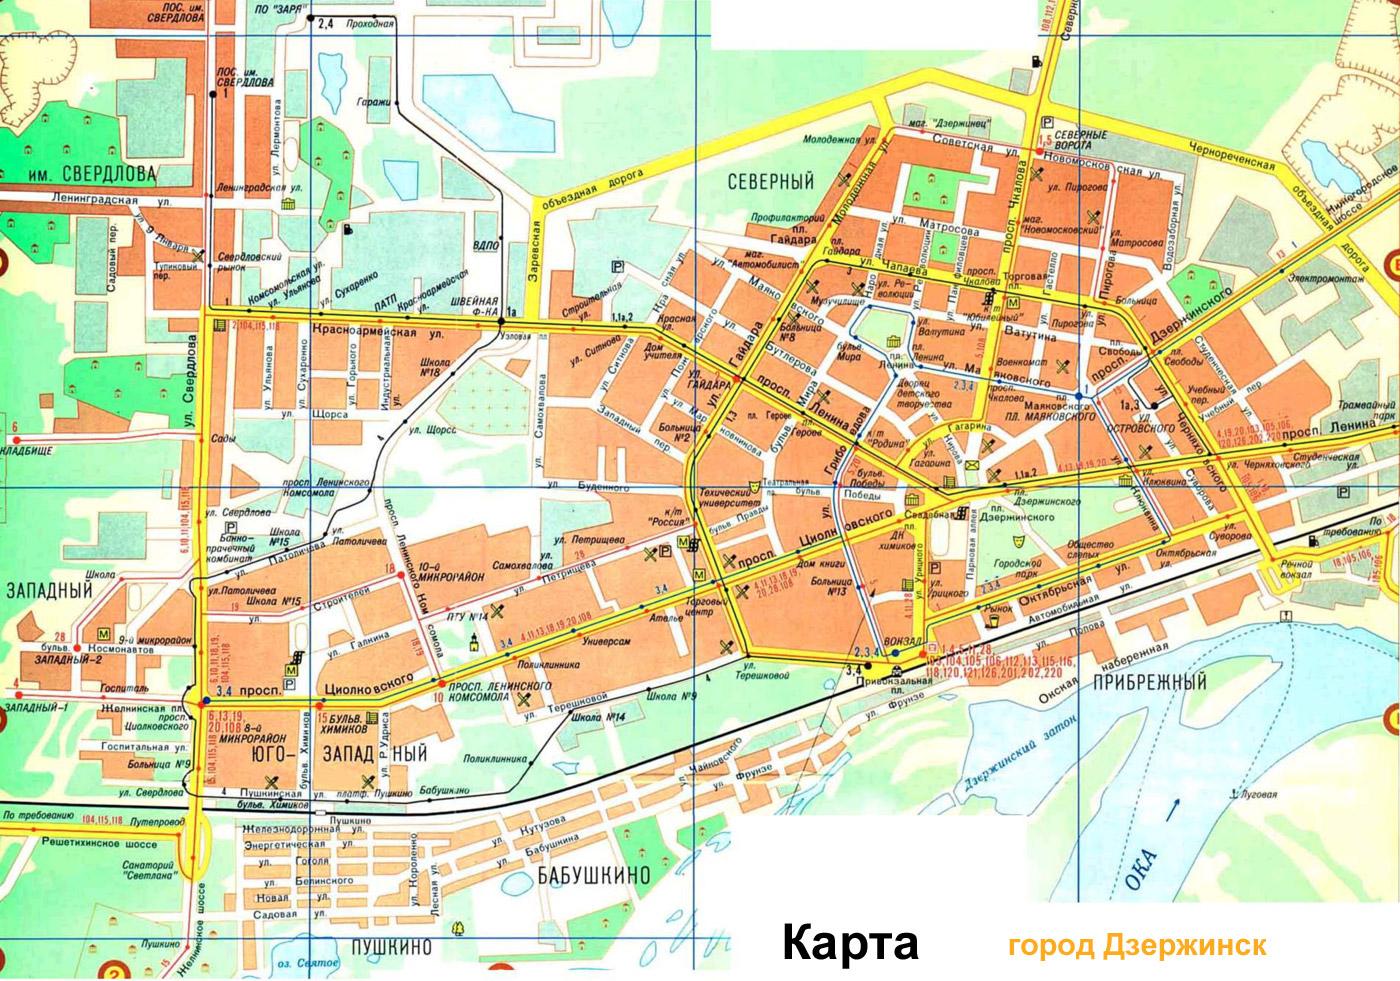 Схемы маршрутов Официальный Ставрополь. ставрополь в добраться из как кирова.